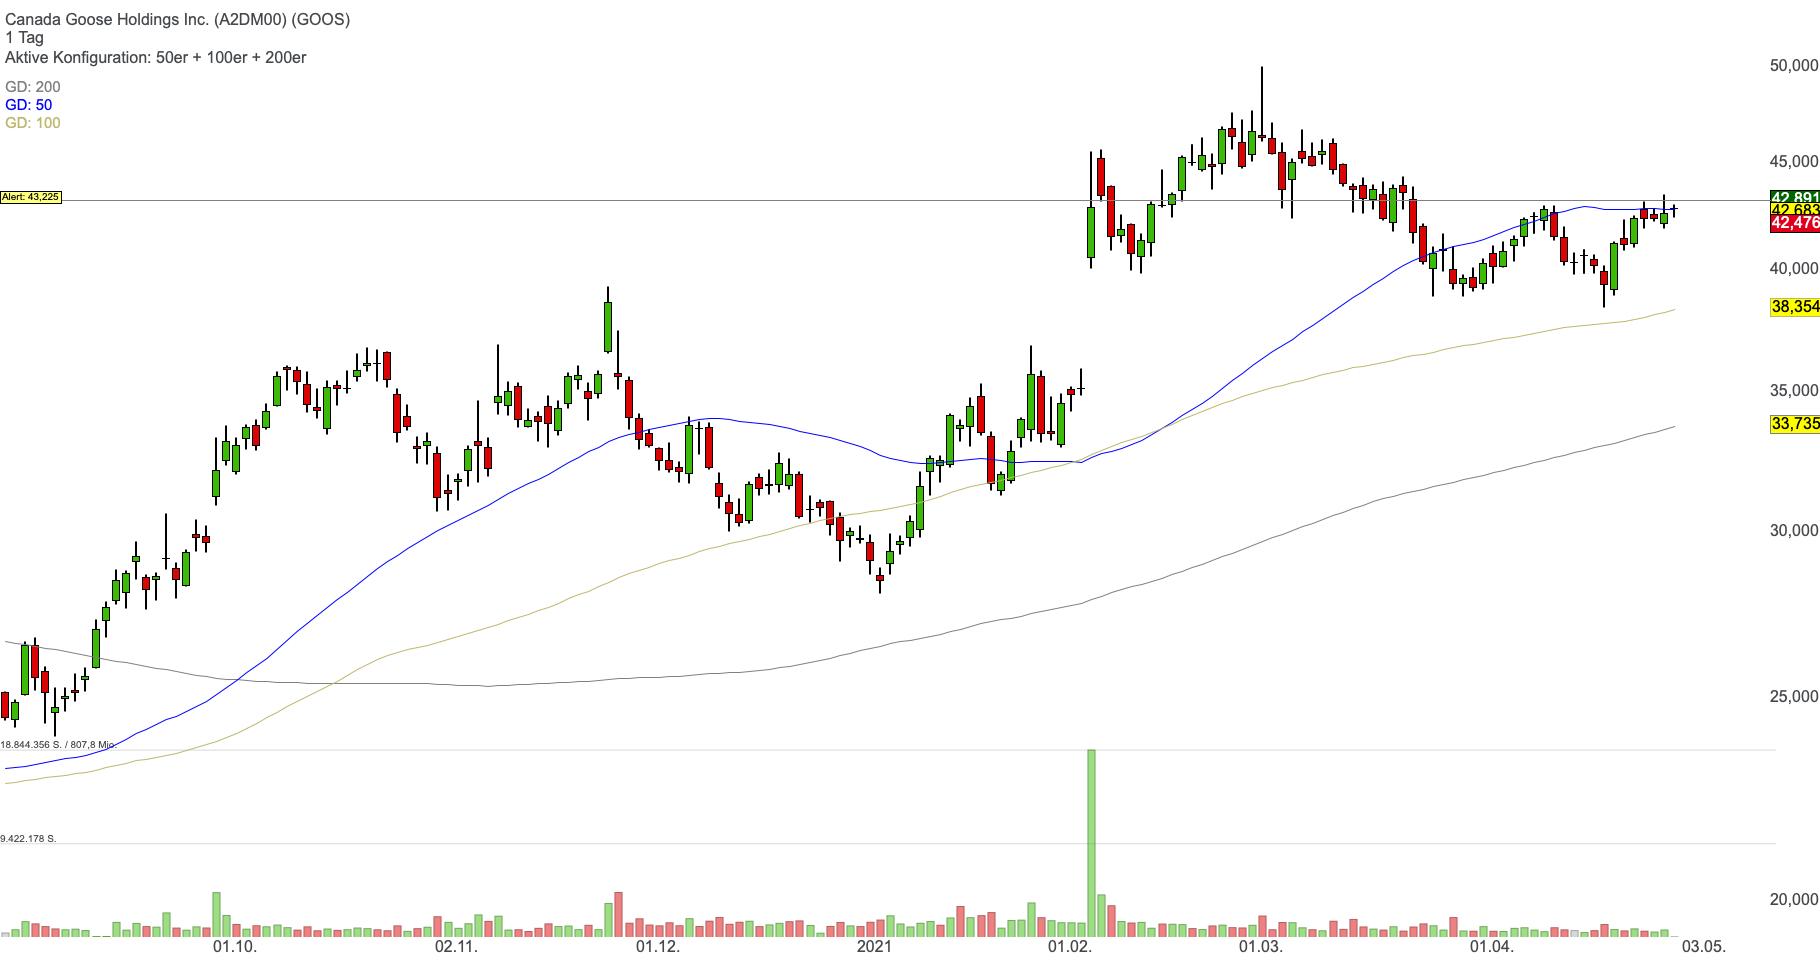 Canada Goose Holdings - Eine interessante Luxus-Aktie mit Wachstumspotenzial!